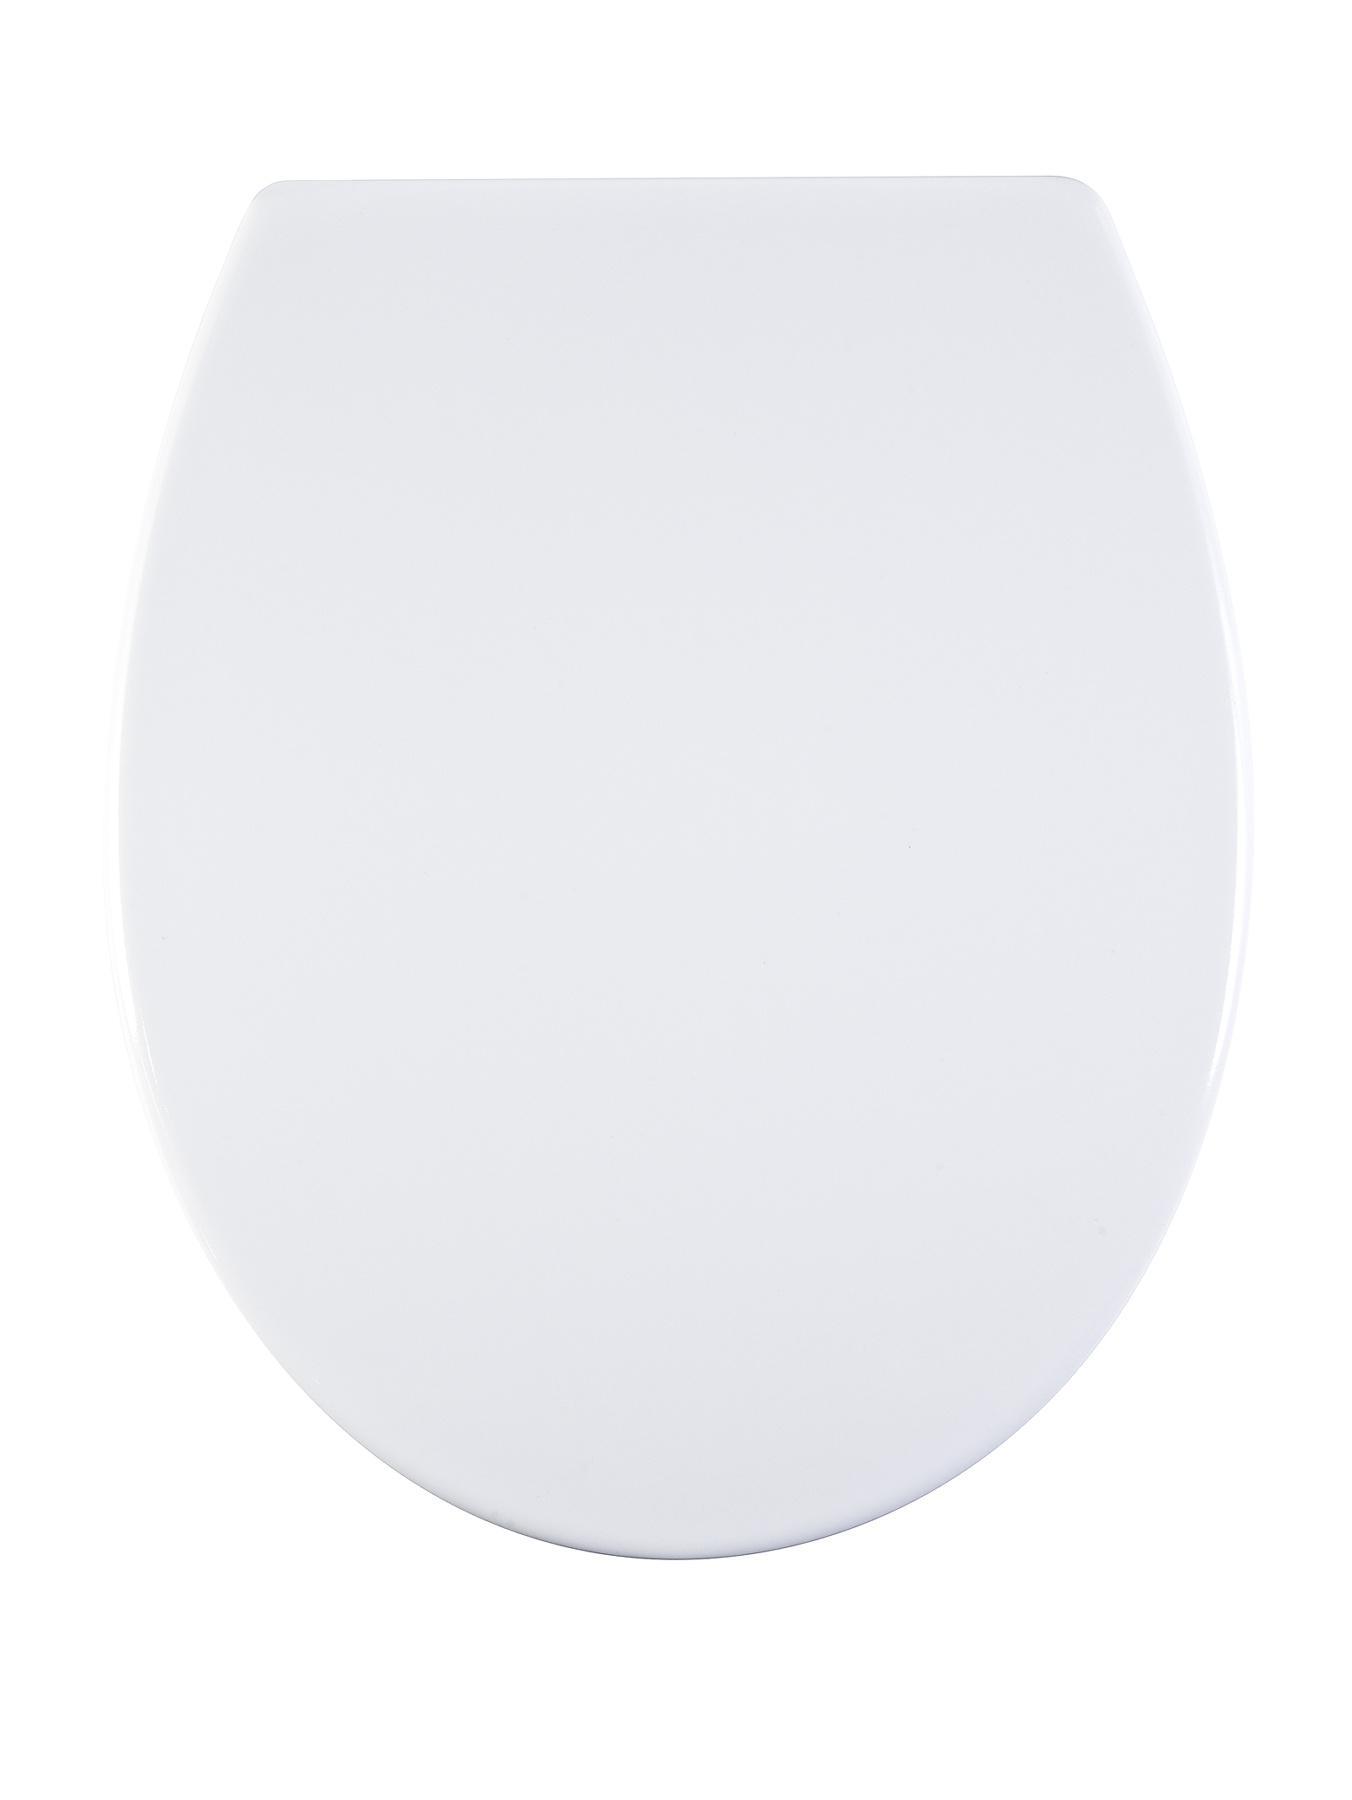 AQUALONA Duroplast Toilet Seat - White